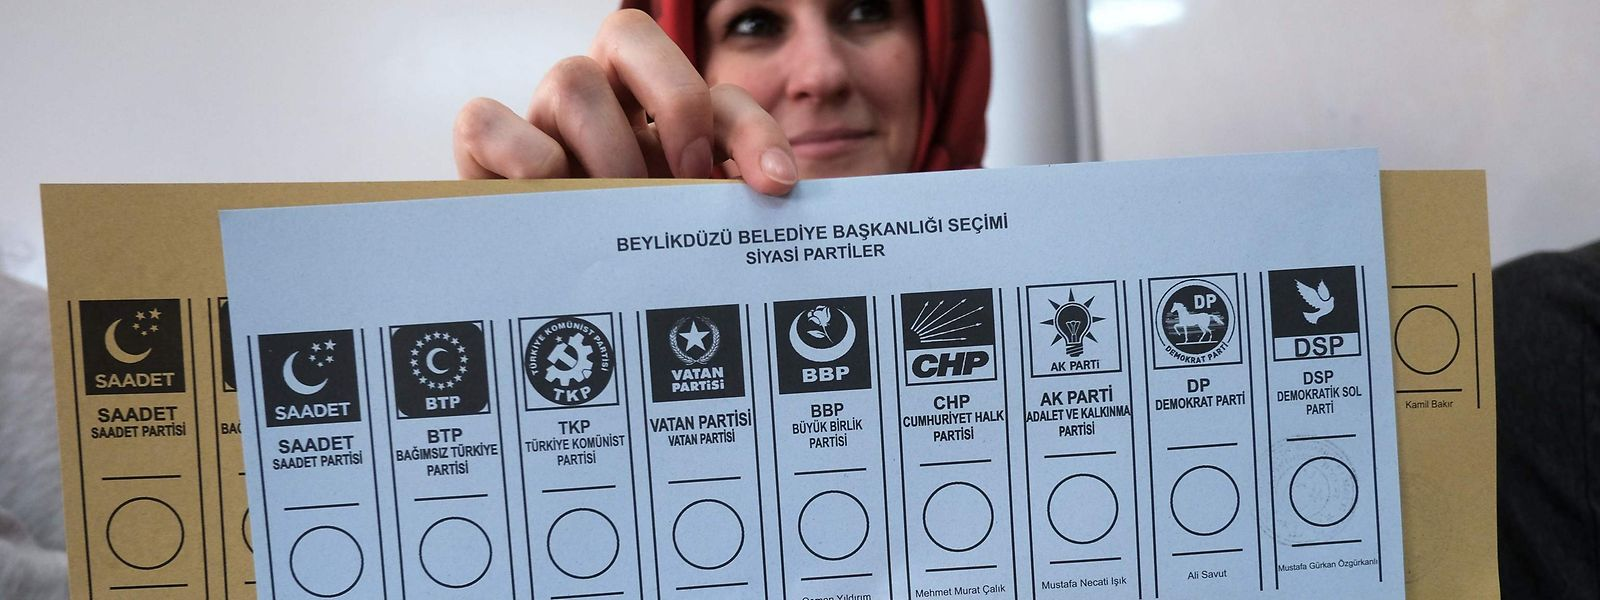 Ein Stimmzettel in einem Wahlbüro in Istanbul.